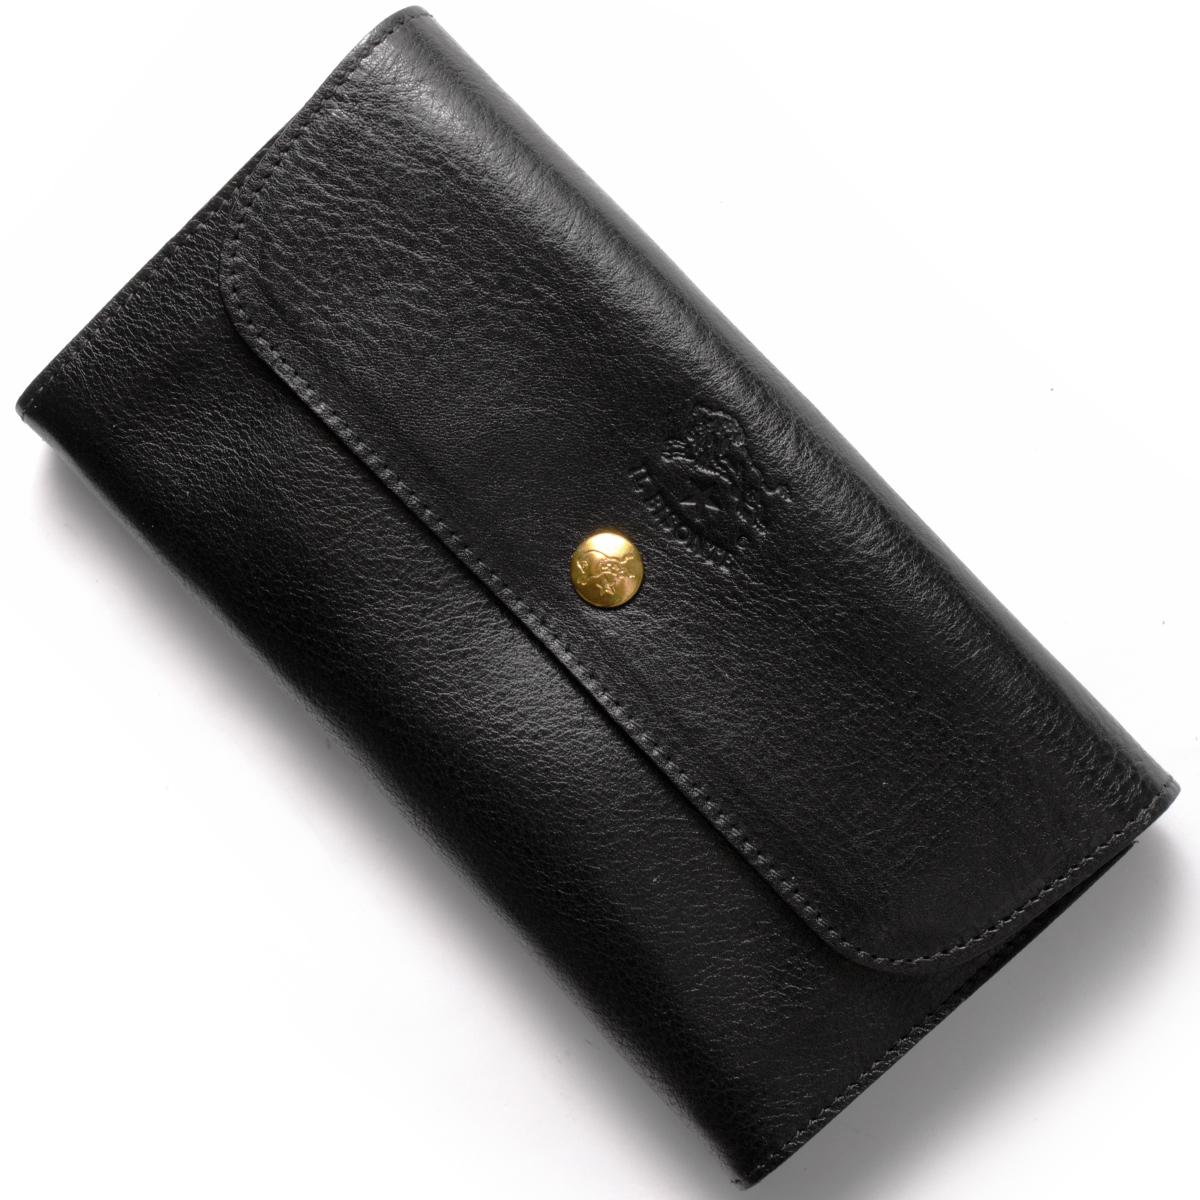 イルビゾンテ 長財布 財布 メンズ レディース スタンダード STANDARD ブラック C0842 P 153 IL BISONTE